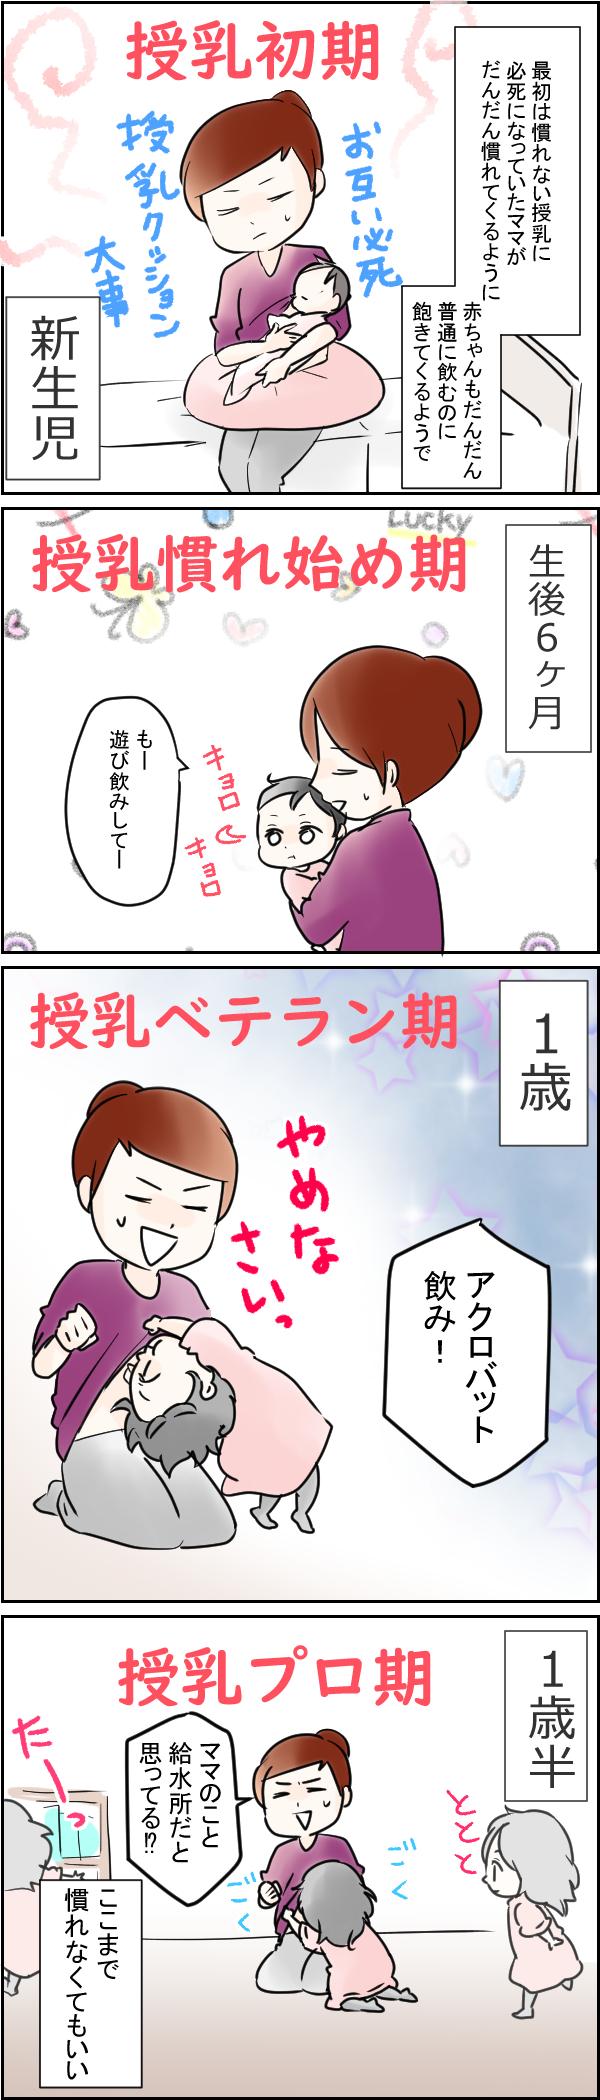 初めての授乳は、ママも赤ちゃんもお互い必死。時を経て…こんなに進化する!の画像1